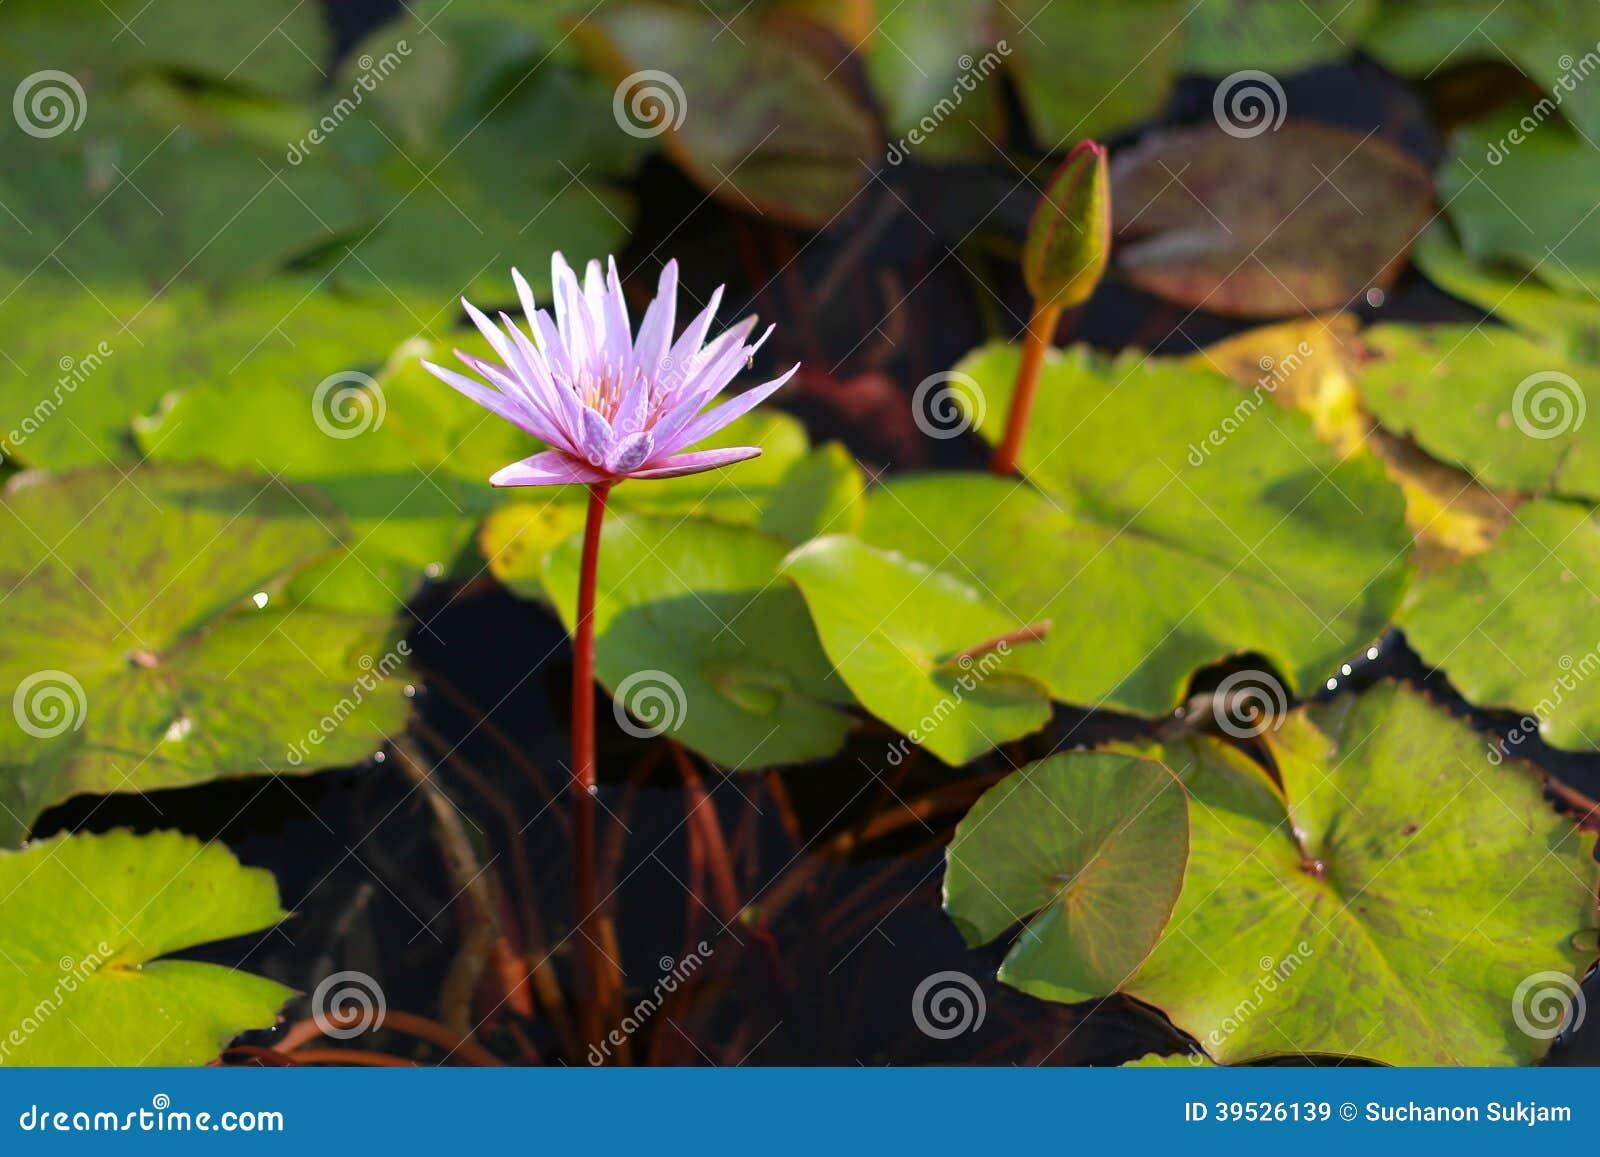 Flor de lótus cor-de-rosa que floresce na associação